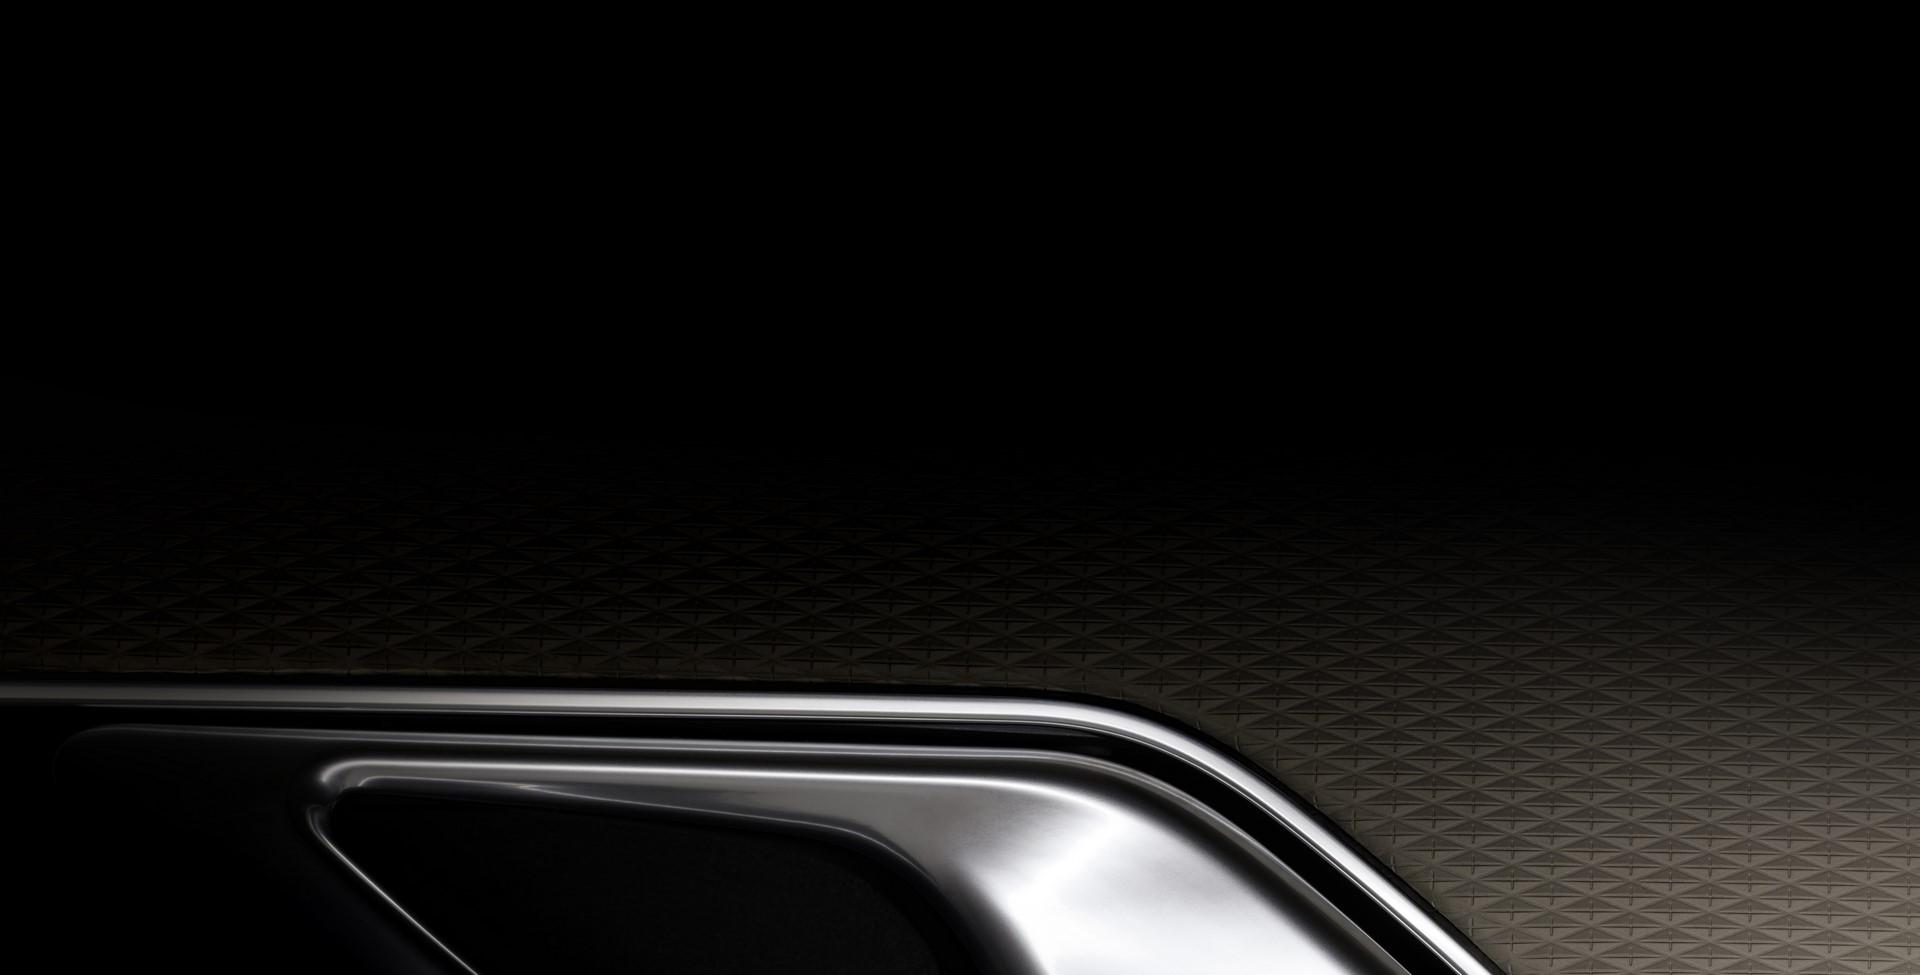 Range Rover Velar 2017 (96)